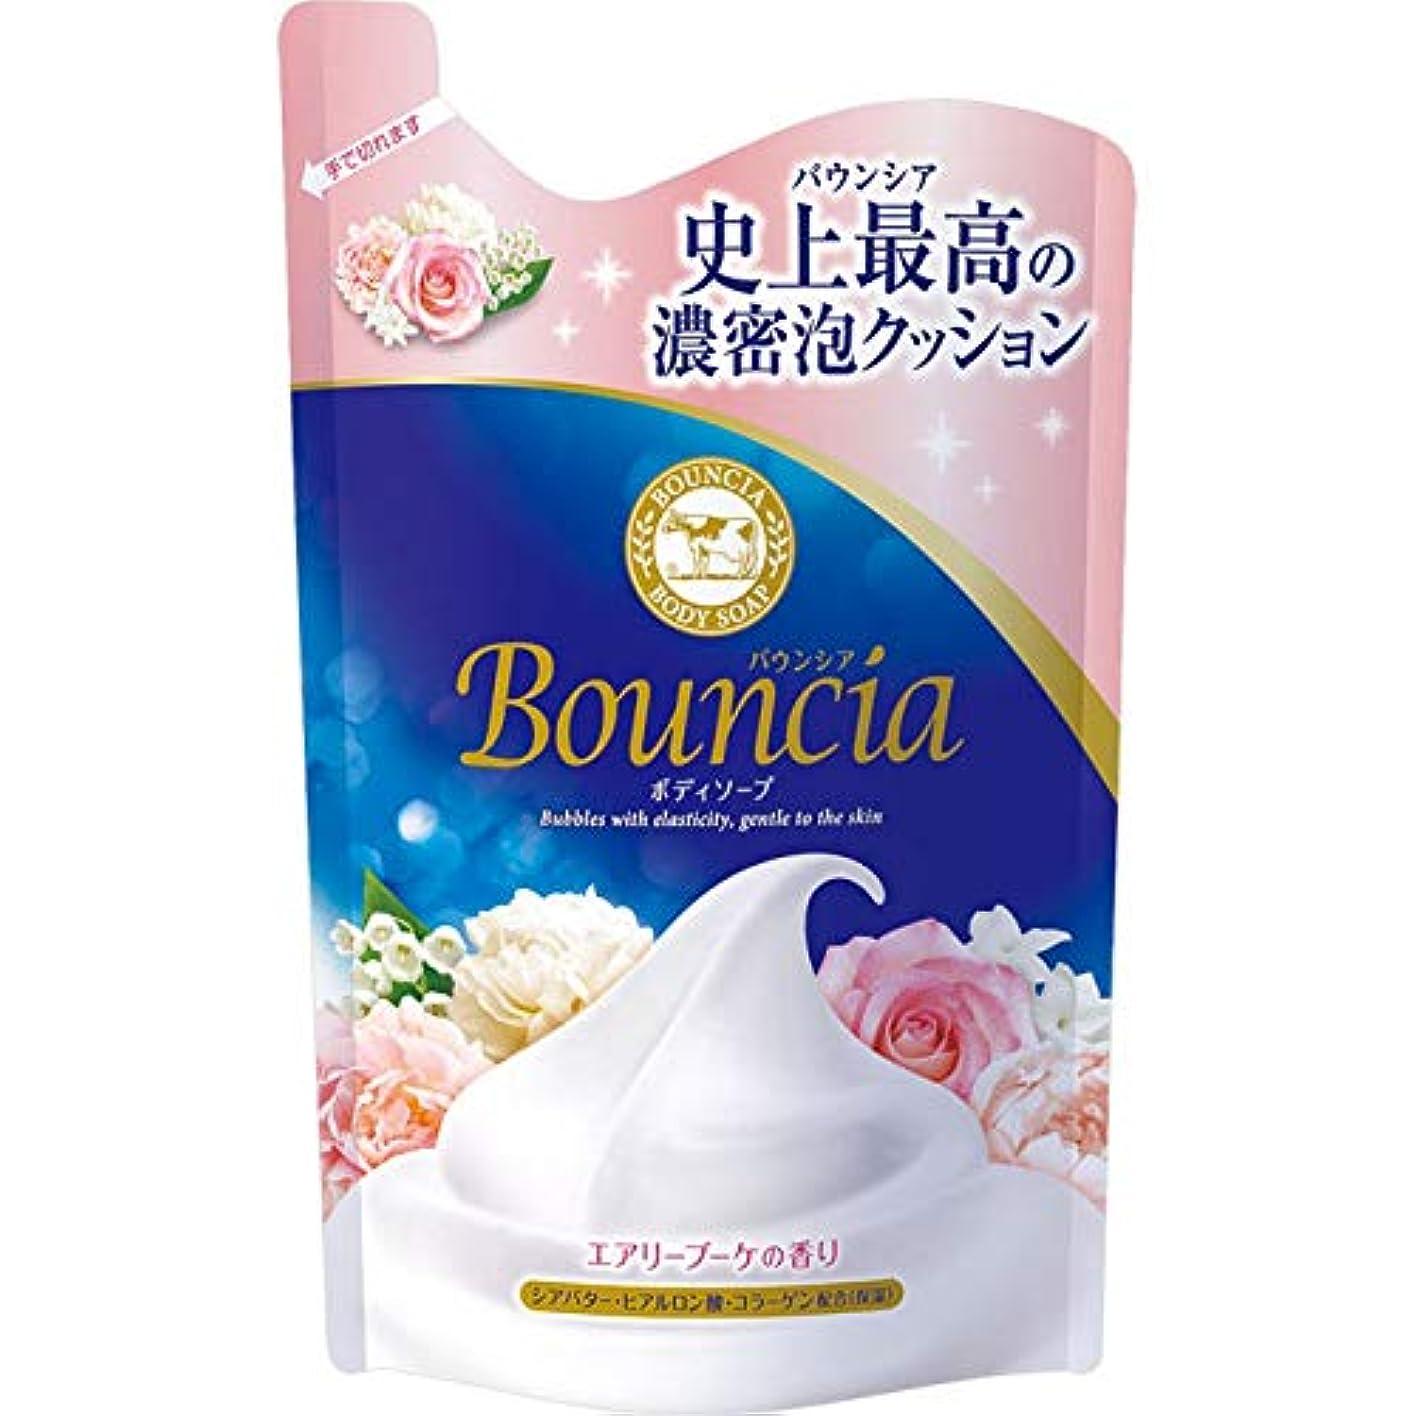 文化神経衰弱パネルバウンシアボディソープ エアリーブーケの香り 詰替用?400mL × 5個セット